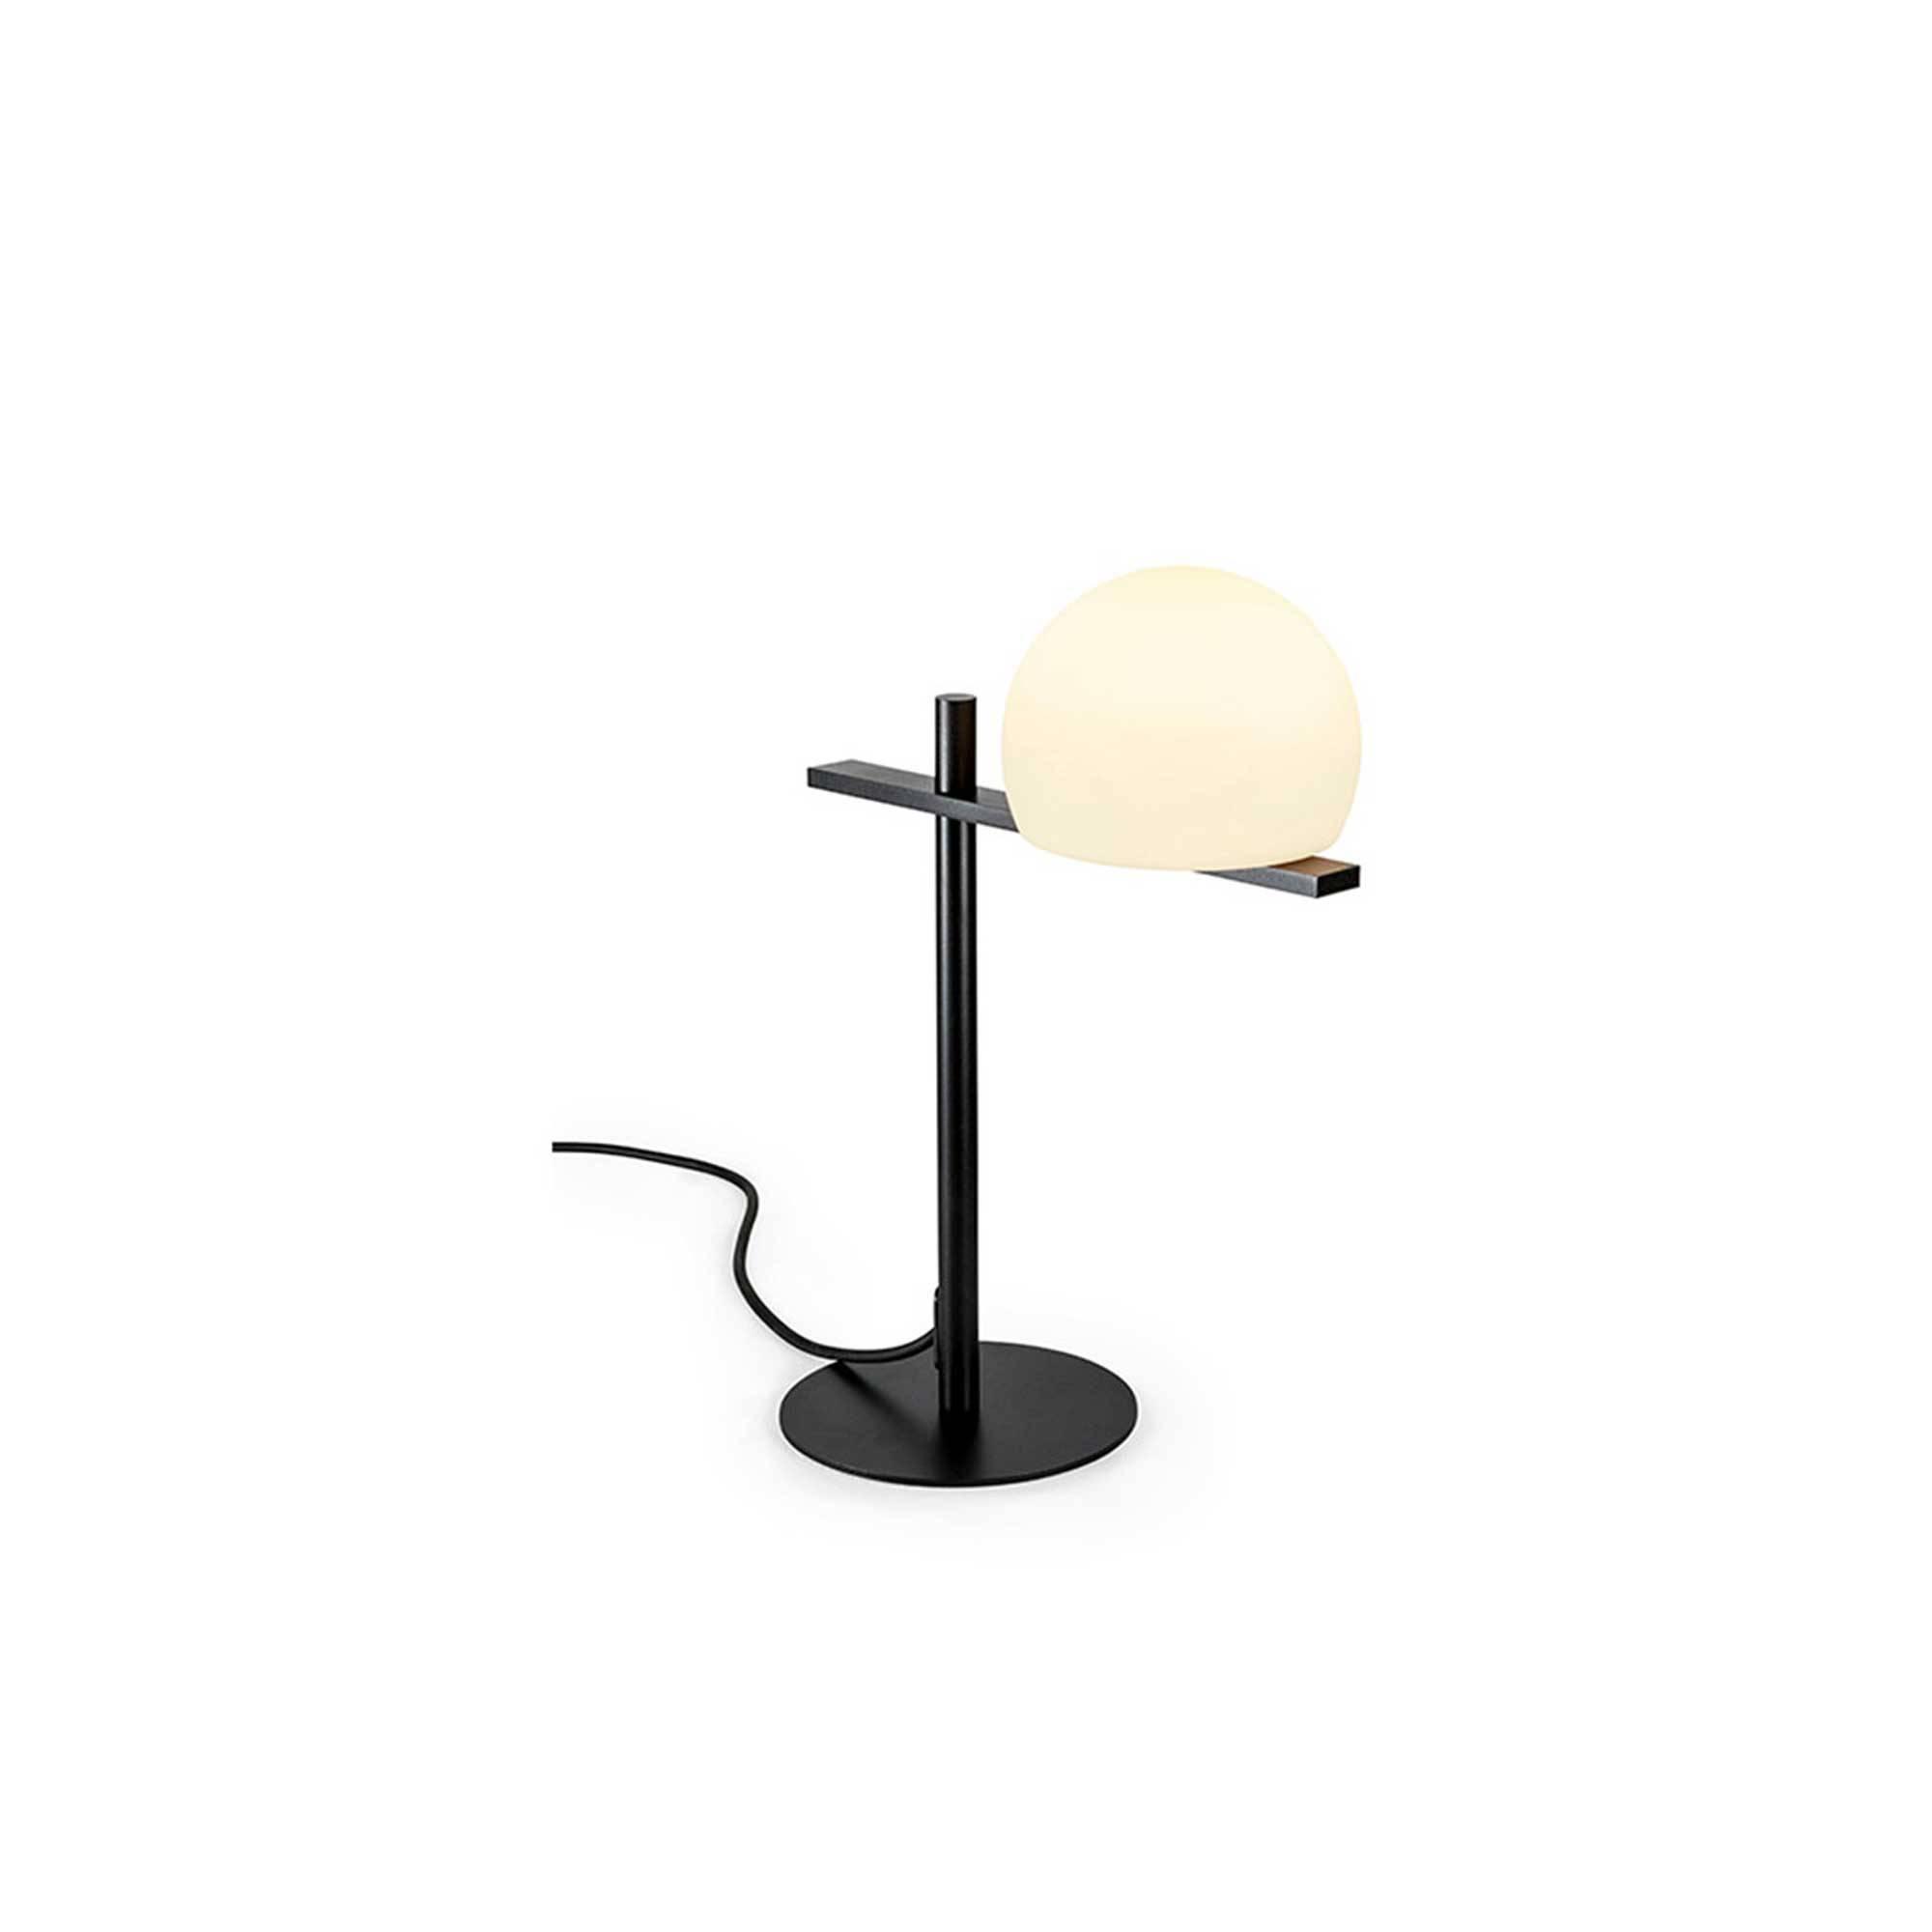 Lampe de table métal noir abat jour suspendu H 50 cm